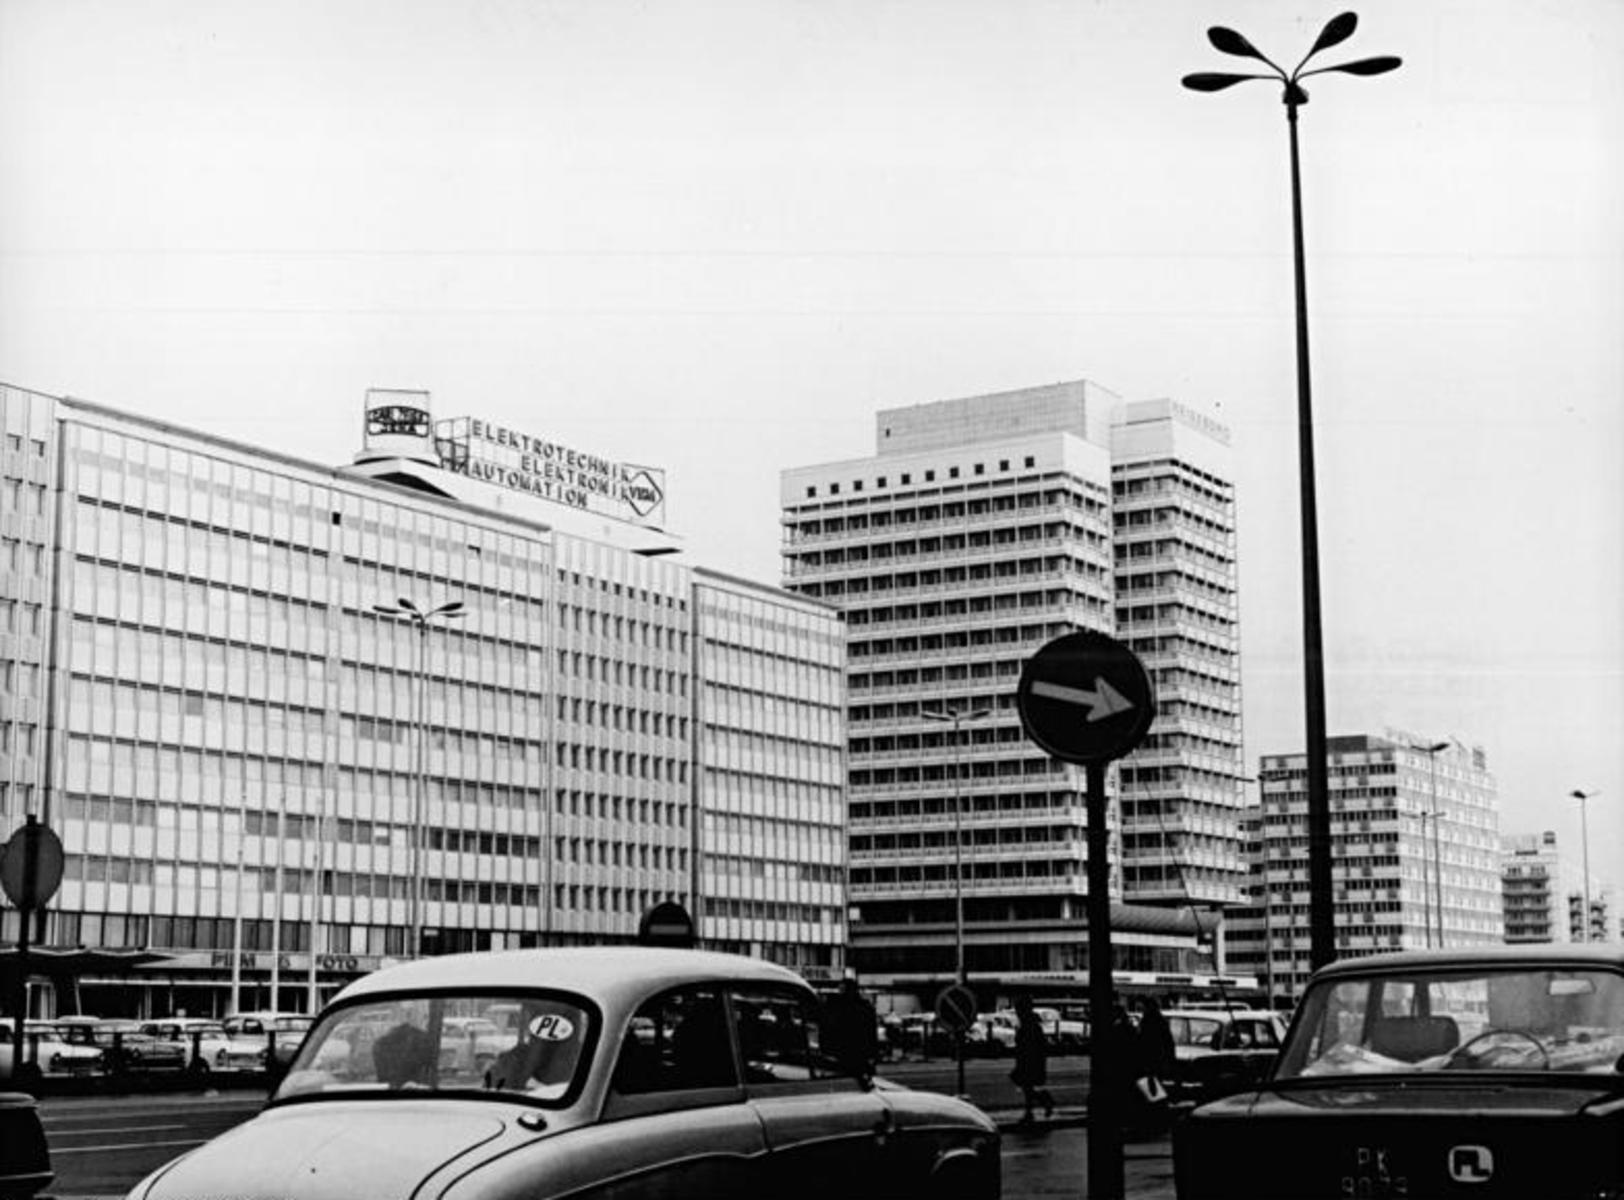 Bundesarchiv_Bild_183-L0404-0016,_Berlin,_Alexanderplatz,_Hochhaus,_Touristikzentrum,_Warenhaus.jpg